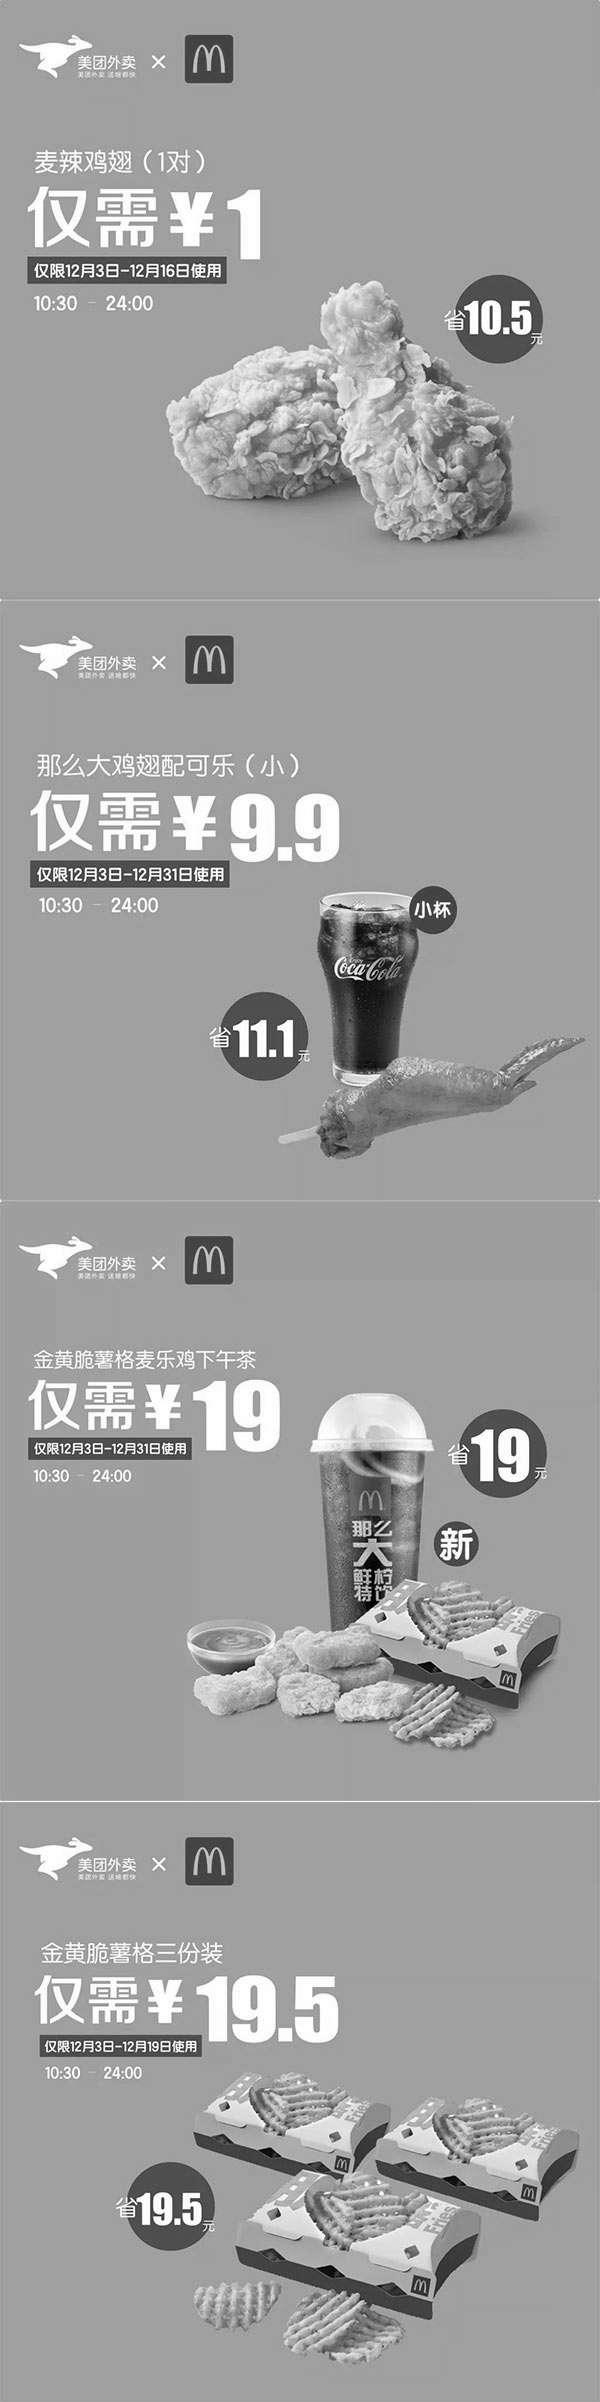 黑白麦当劳优惠券:麦当劳美团外卖1元麦辣鸡翅、9.9元那么大鸡翅配可乐